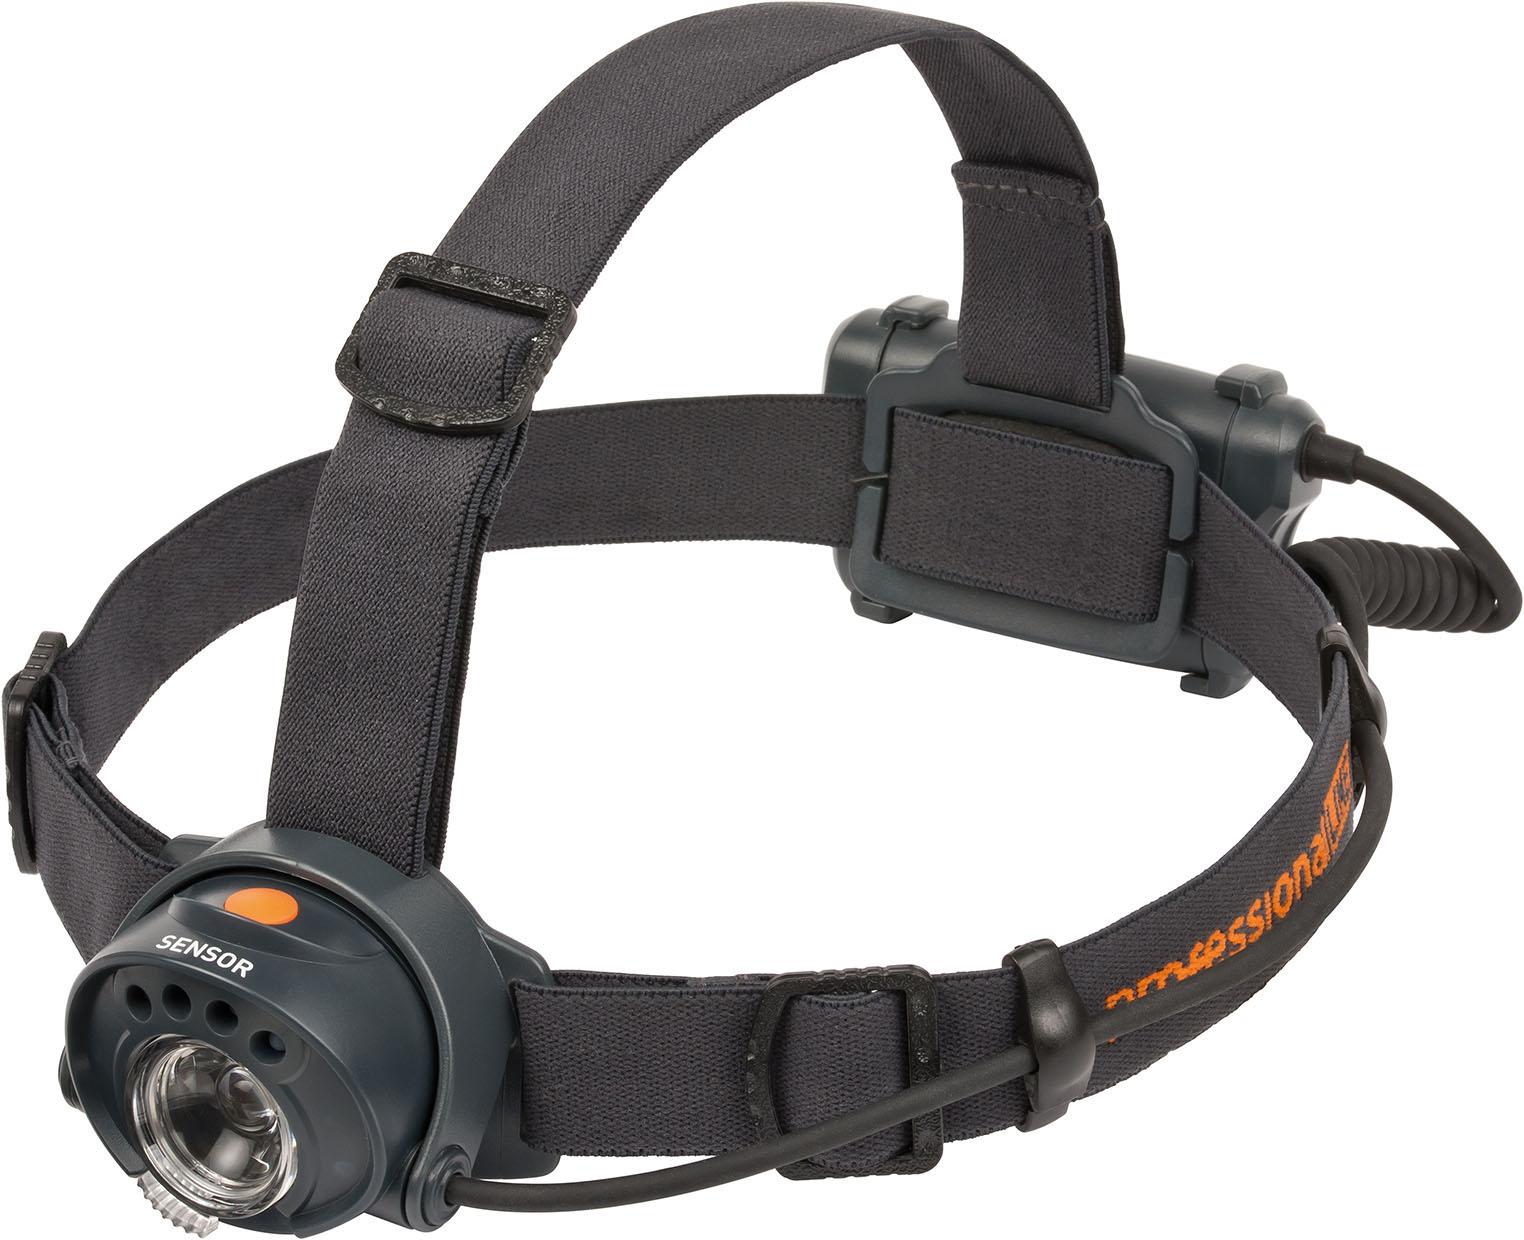 Brennenstuhl Profesionální LINE snímač LED čelovka KL200 IP44 3,5W 250lm 13h 3xAA   9170200100